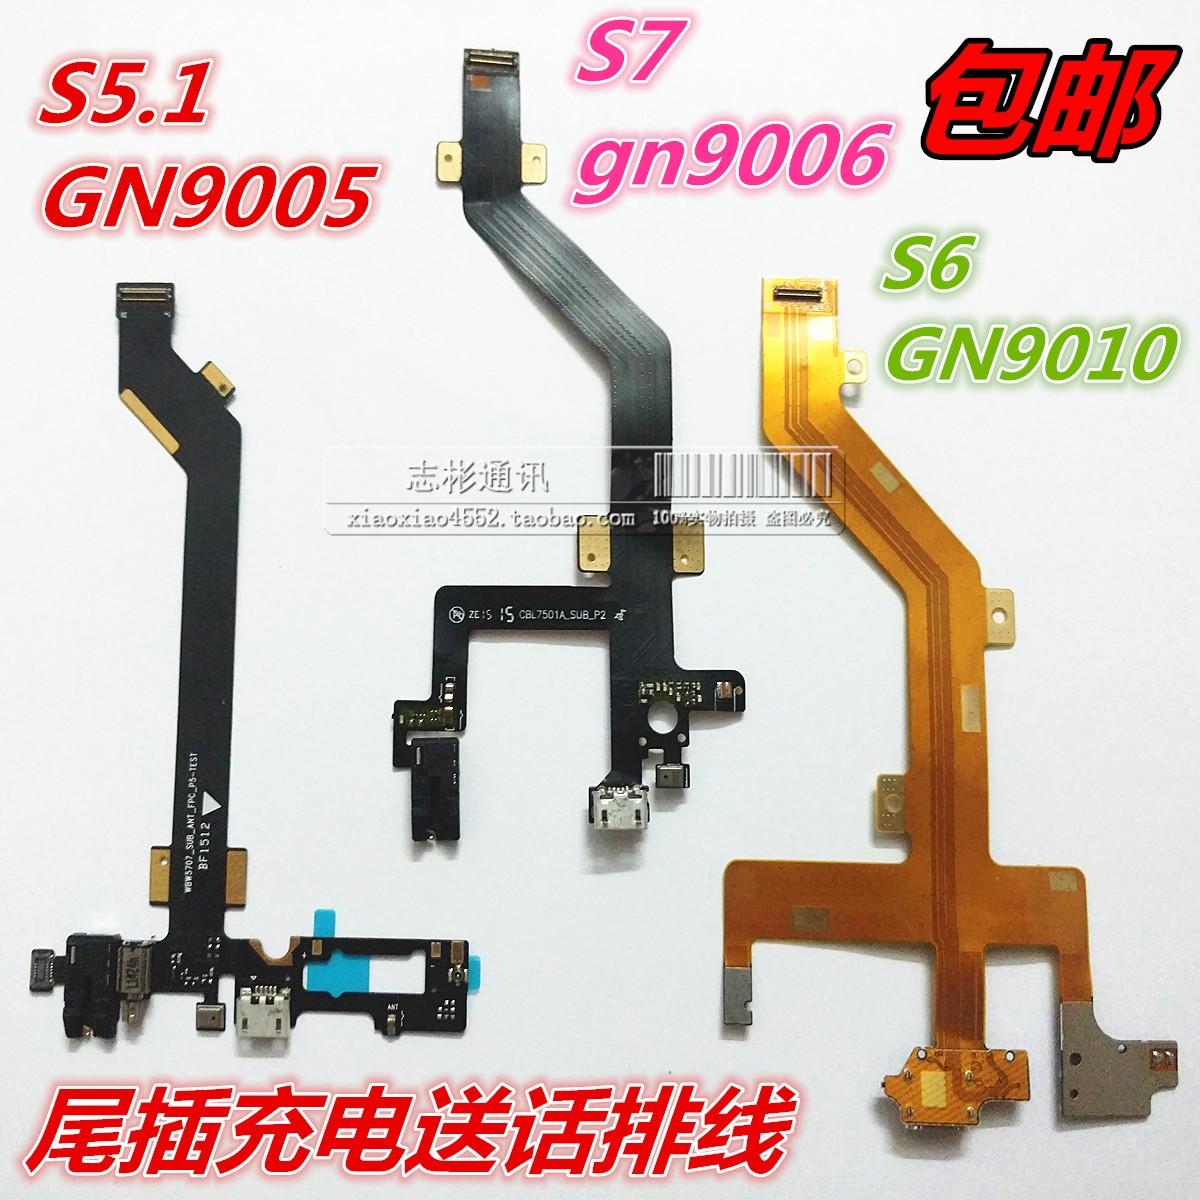 原装金立S5.1 S6 S7 GN9005 GN9006 GN9010充电尾插排线送话小板